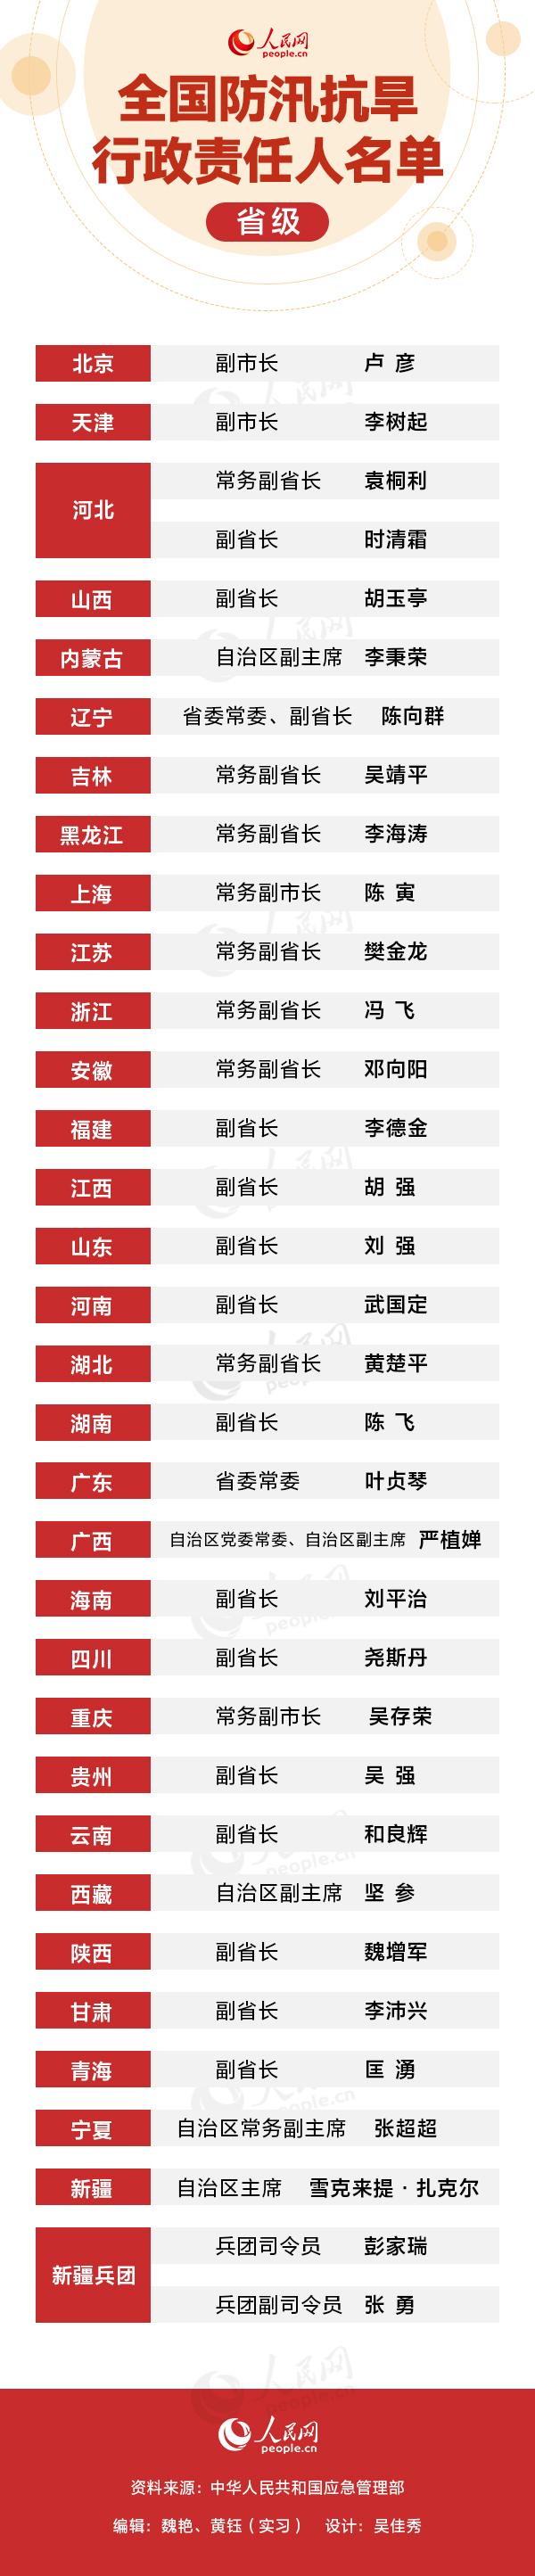 全国防汛抗旱行政责任人名单公布 省级领导领衔